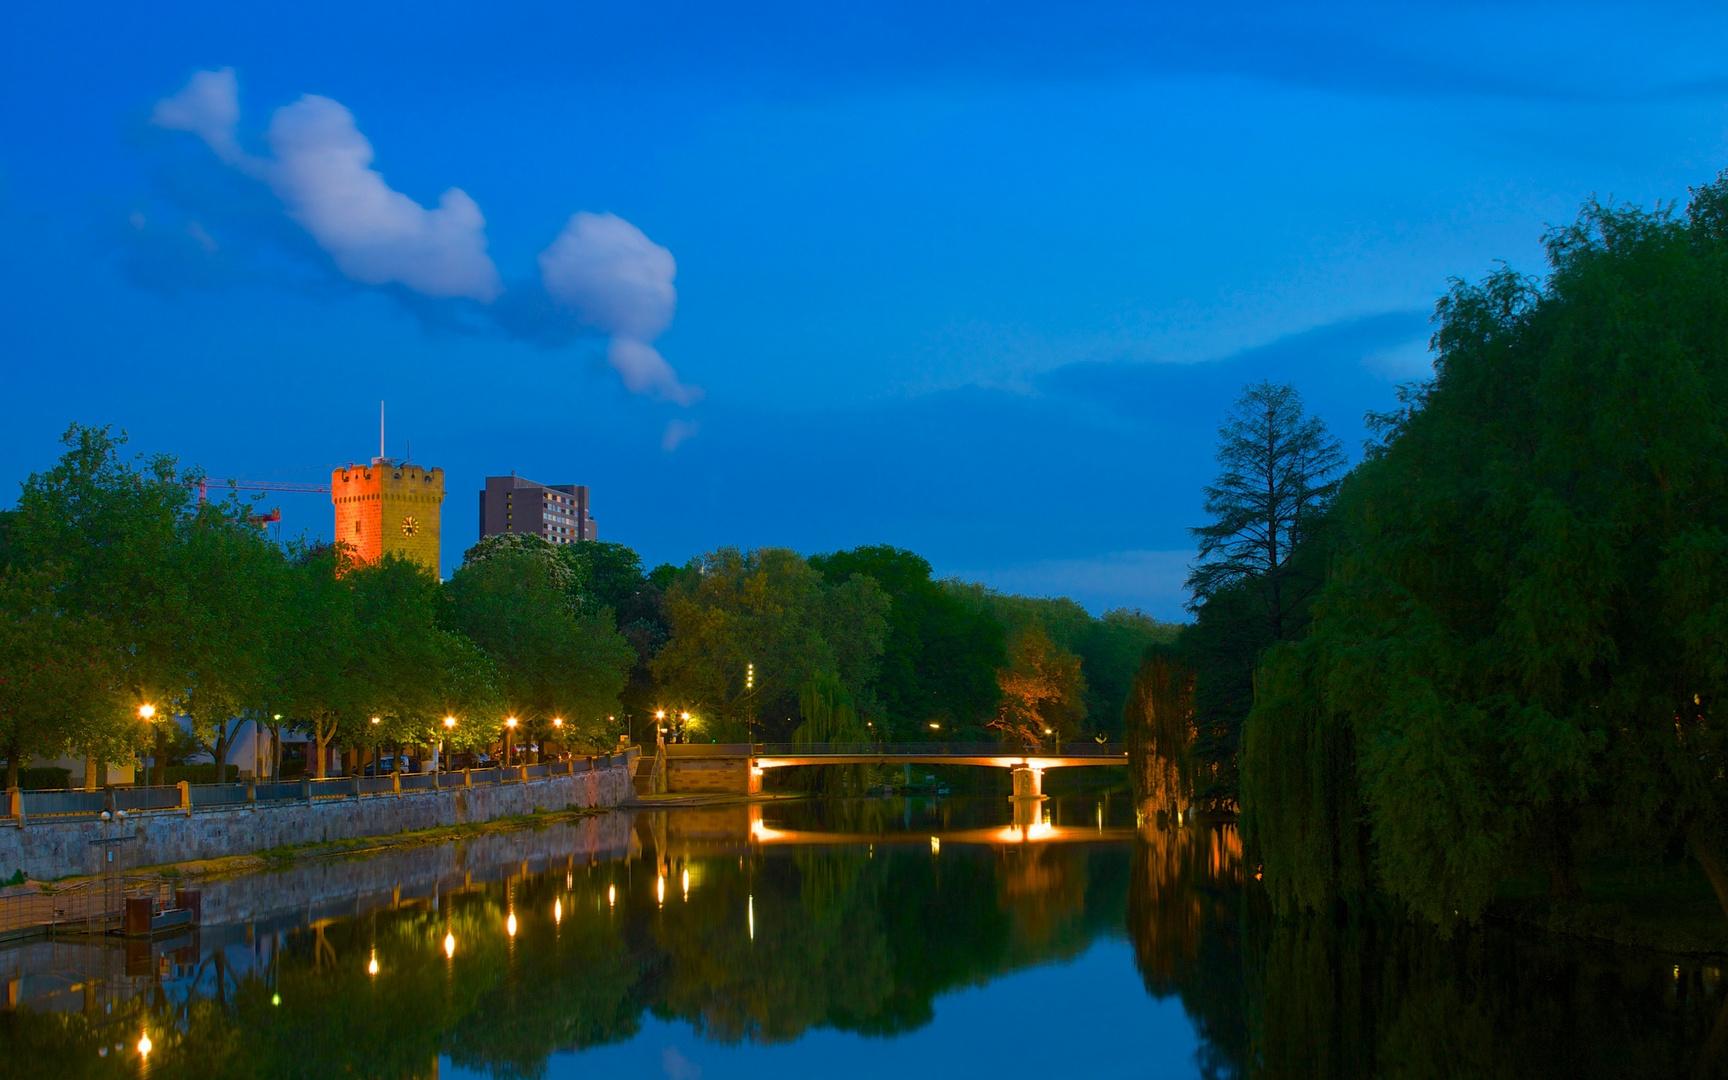 Abenddämmerung am Neckar